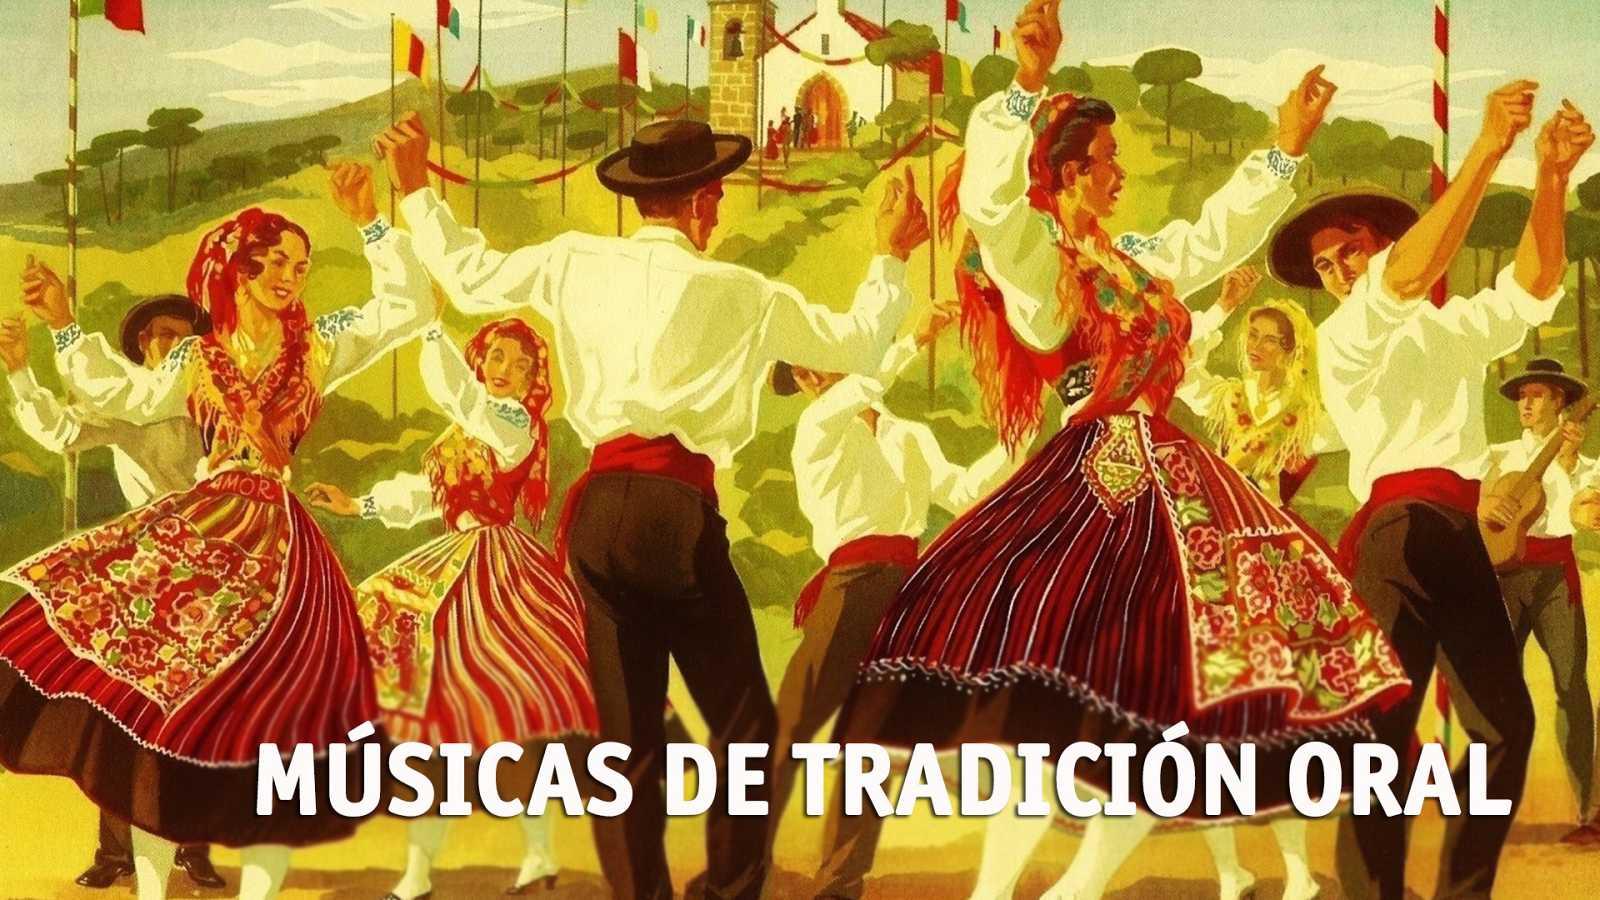 Músicas de tradición oral - De Las Hurdes y Sanabria - 18/03/18 - escuchar ahora